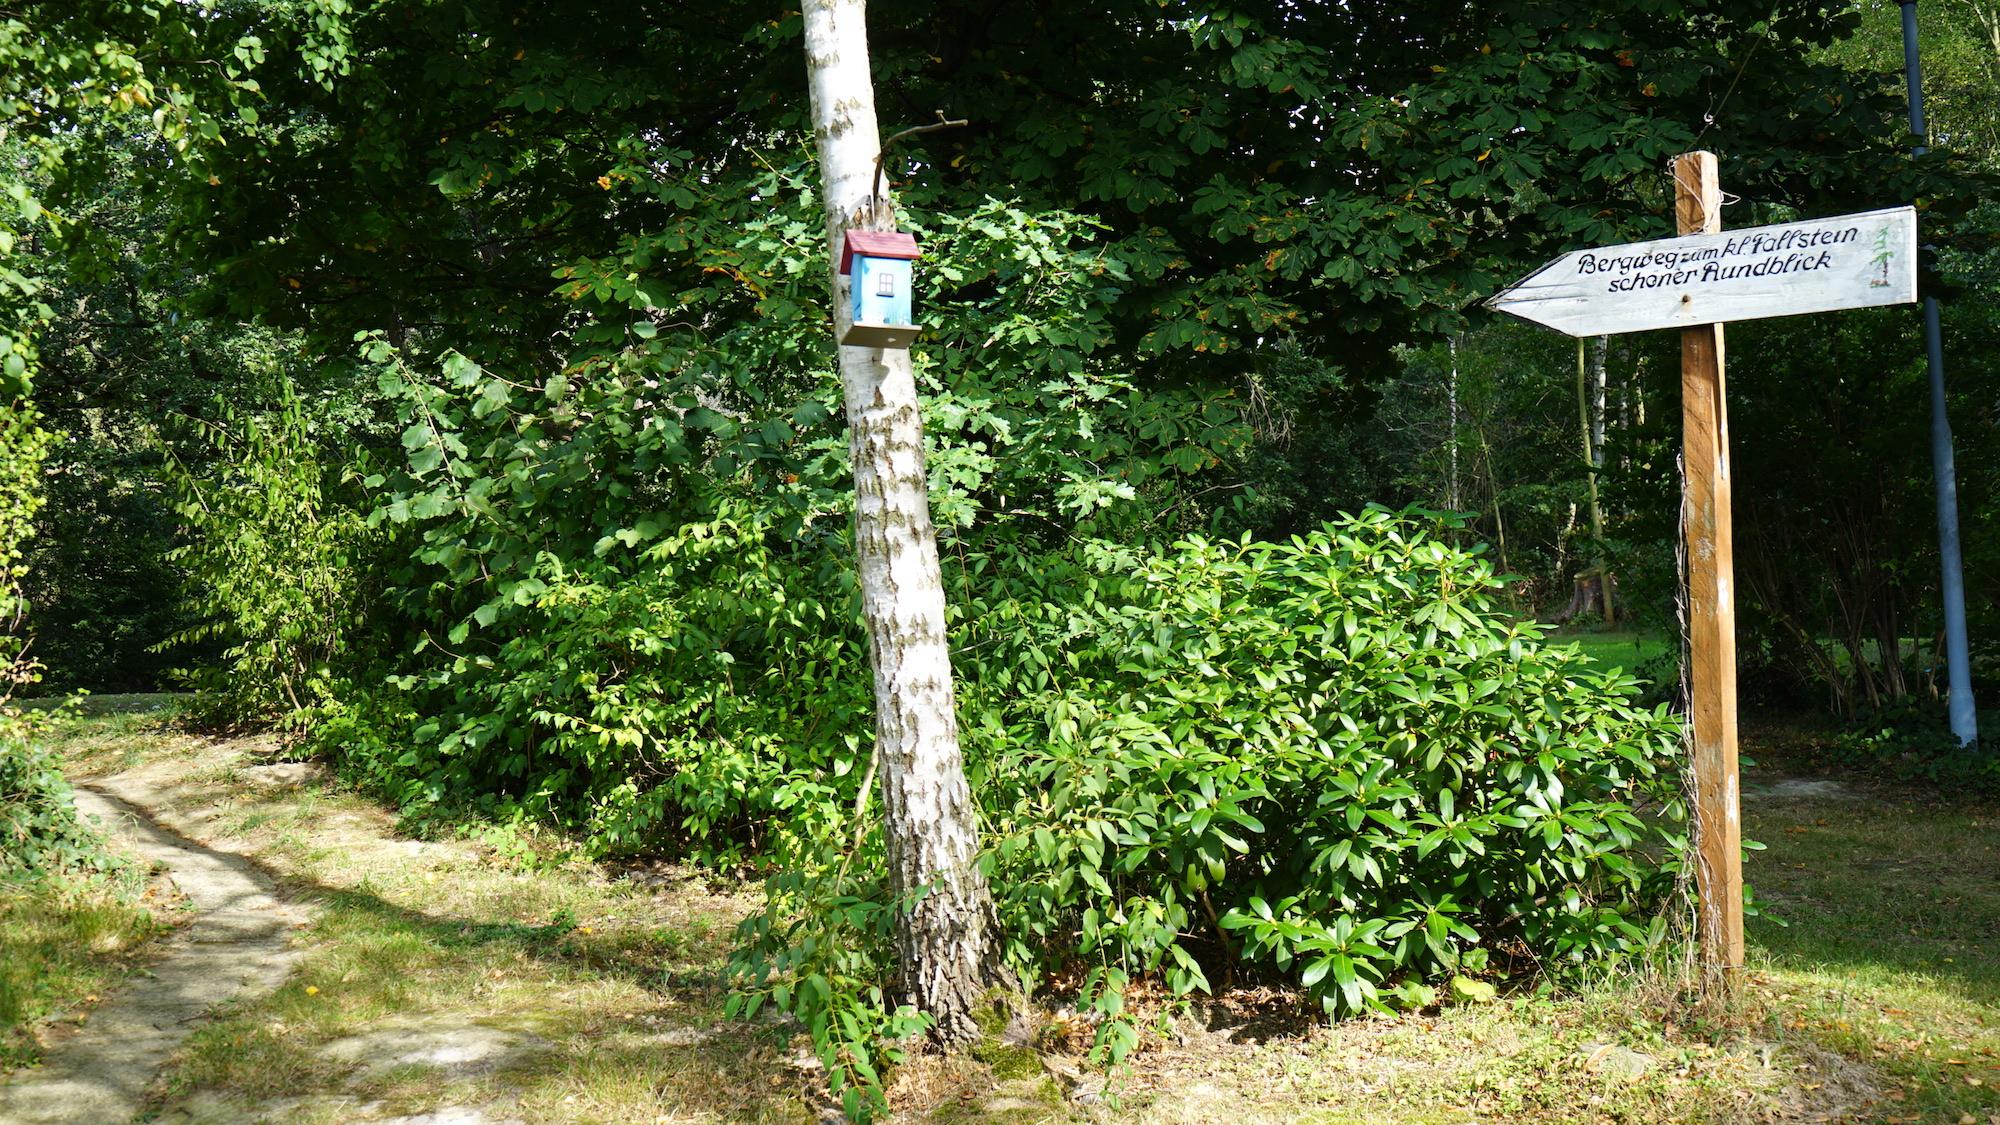 Nördliches Harzvorland: Wegweiser zum Wanderweg / Beate Ziehres